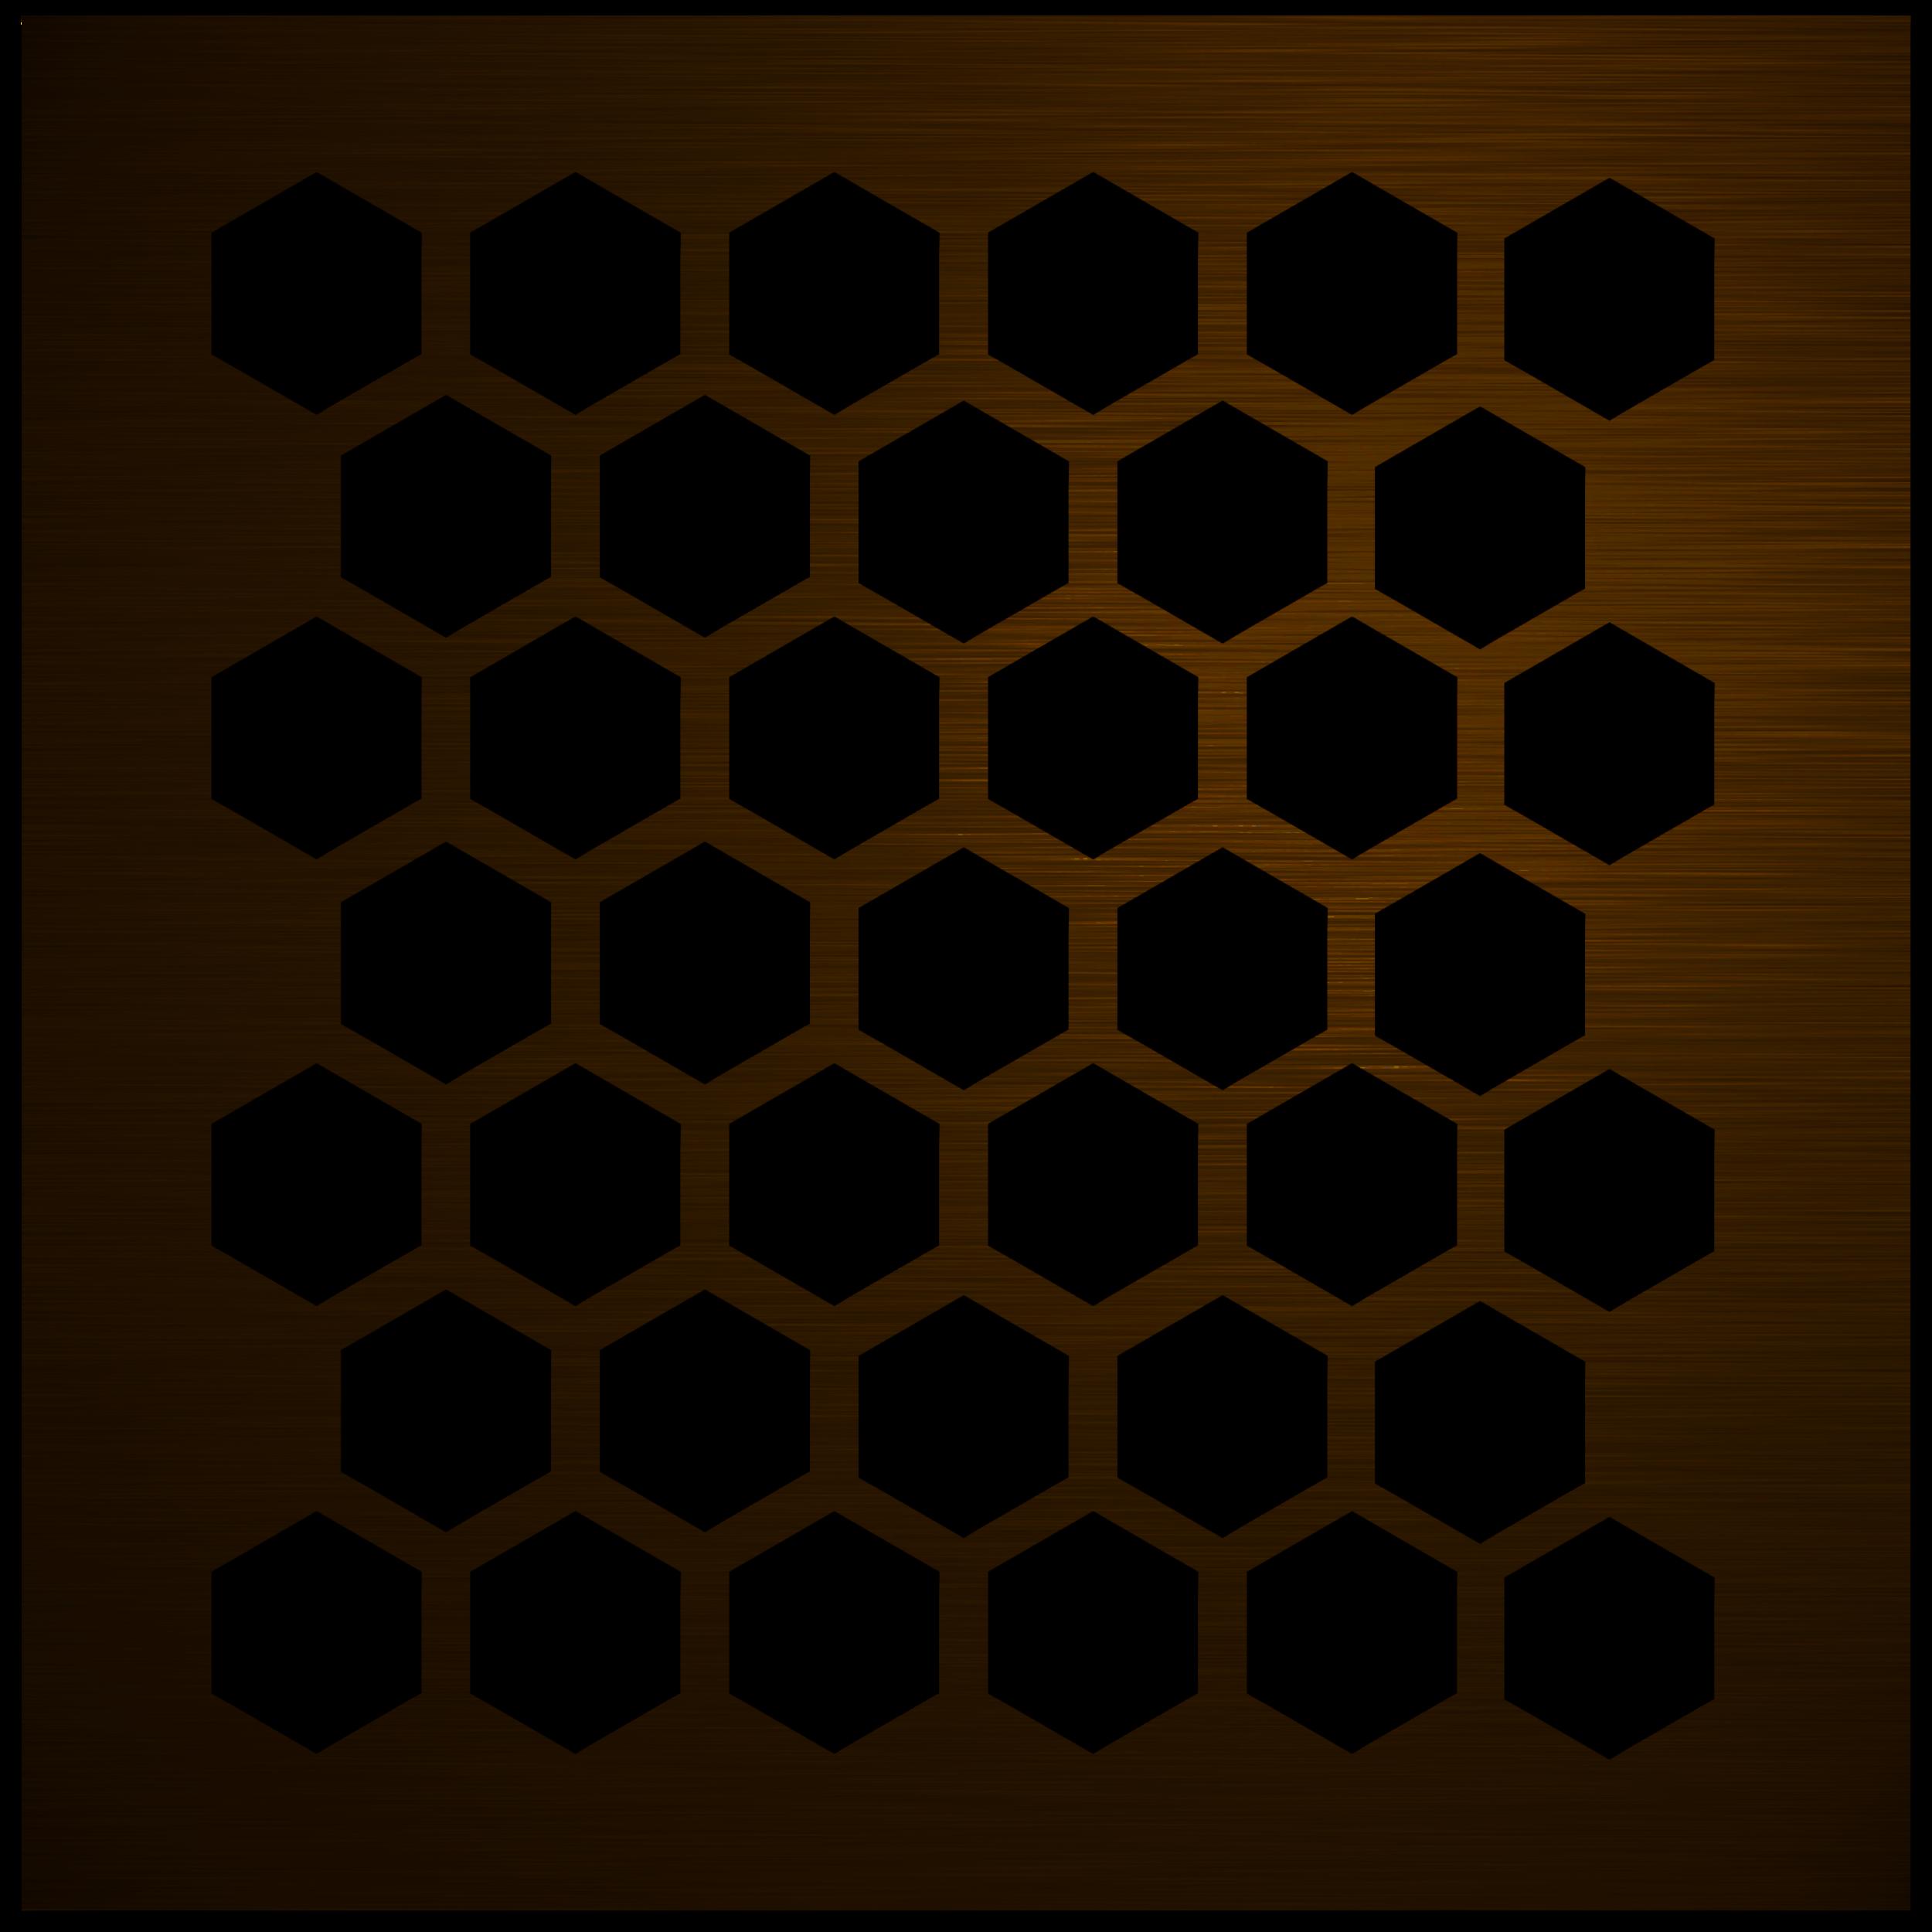 709 Honey Comb